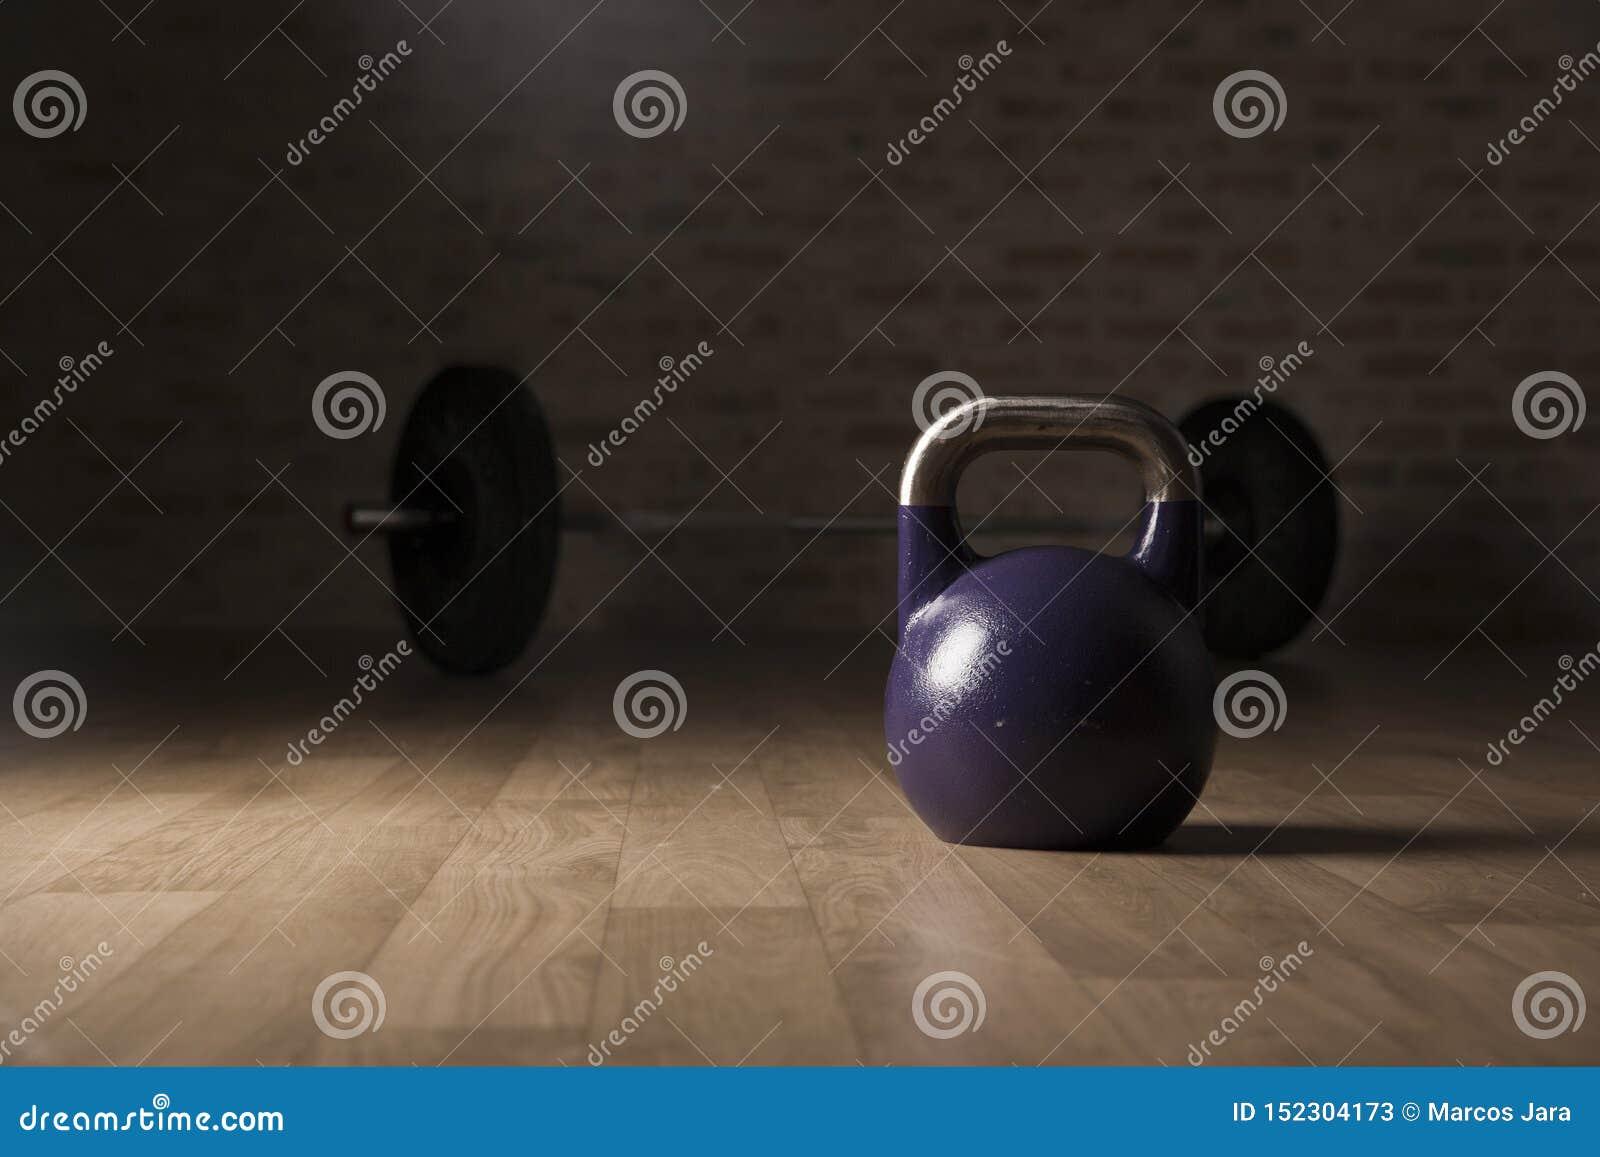 Campana de la caldera y barra del levantamiento de pesas en un gimnasio de madera del piso